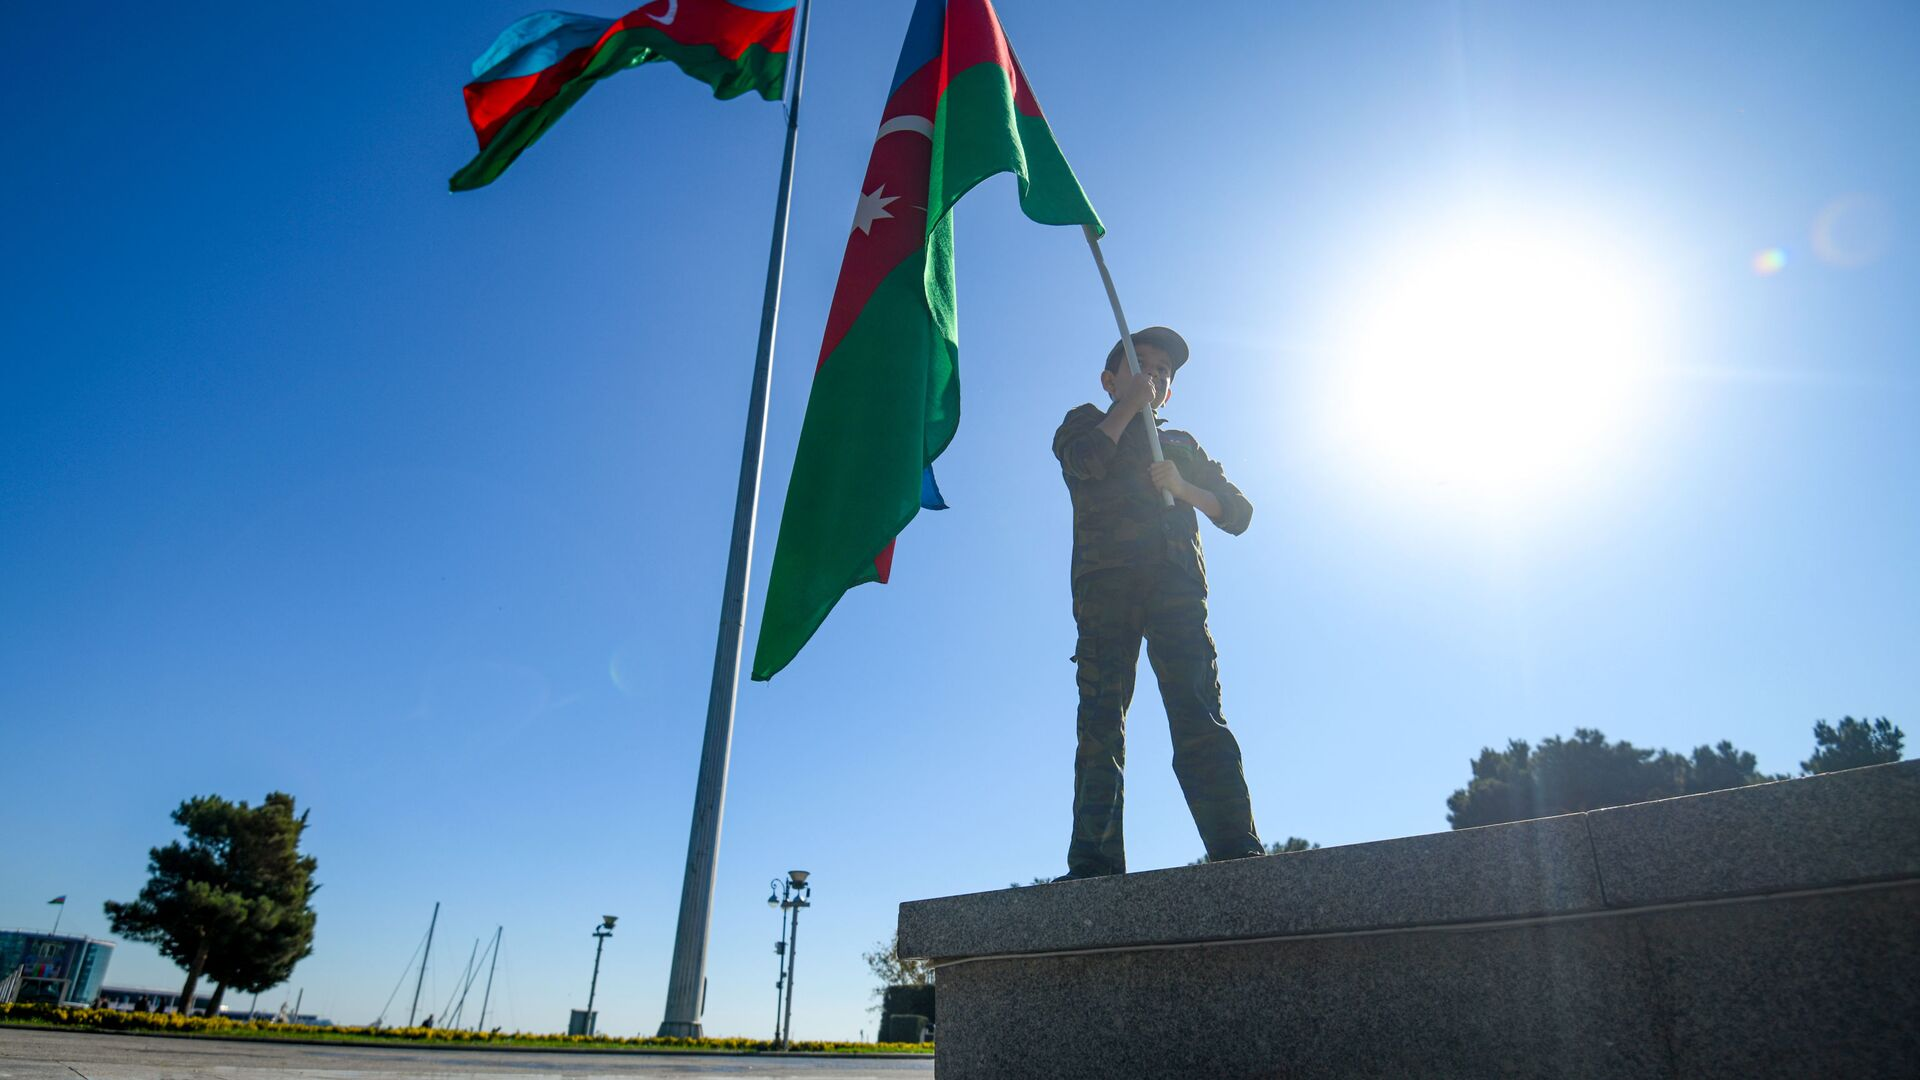 Акция на бакинском бульваре, приуроченная ко Дню Государственного флага - Sputnik Azərbaycan, 1920, 28.09.2021